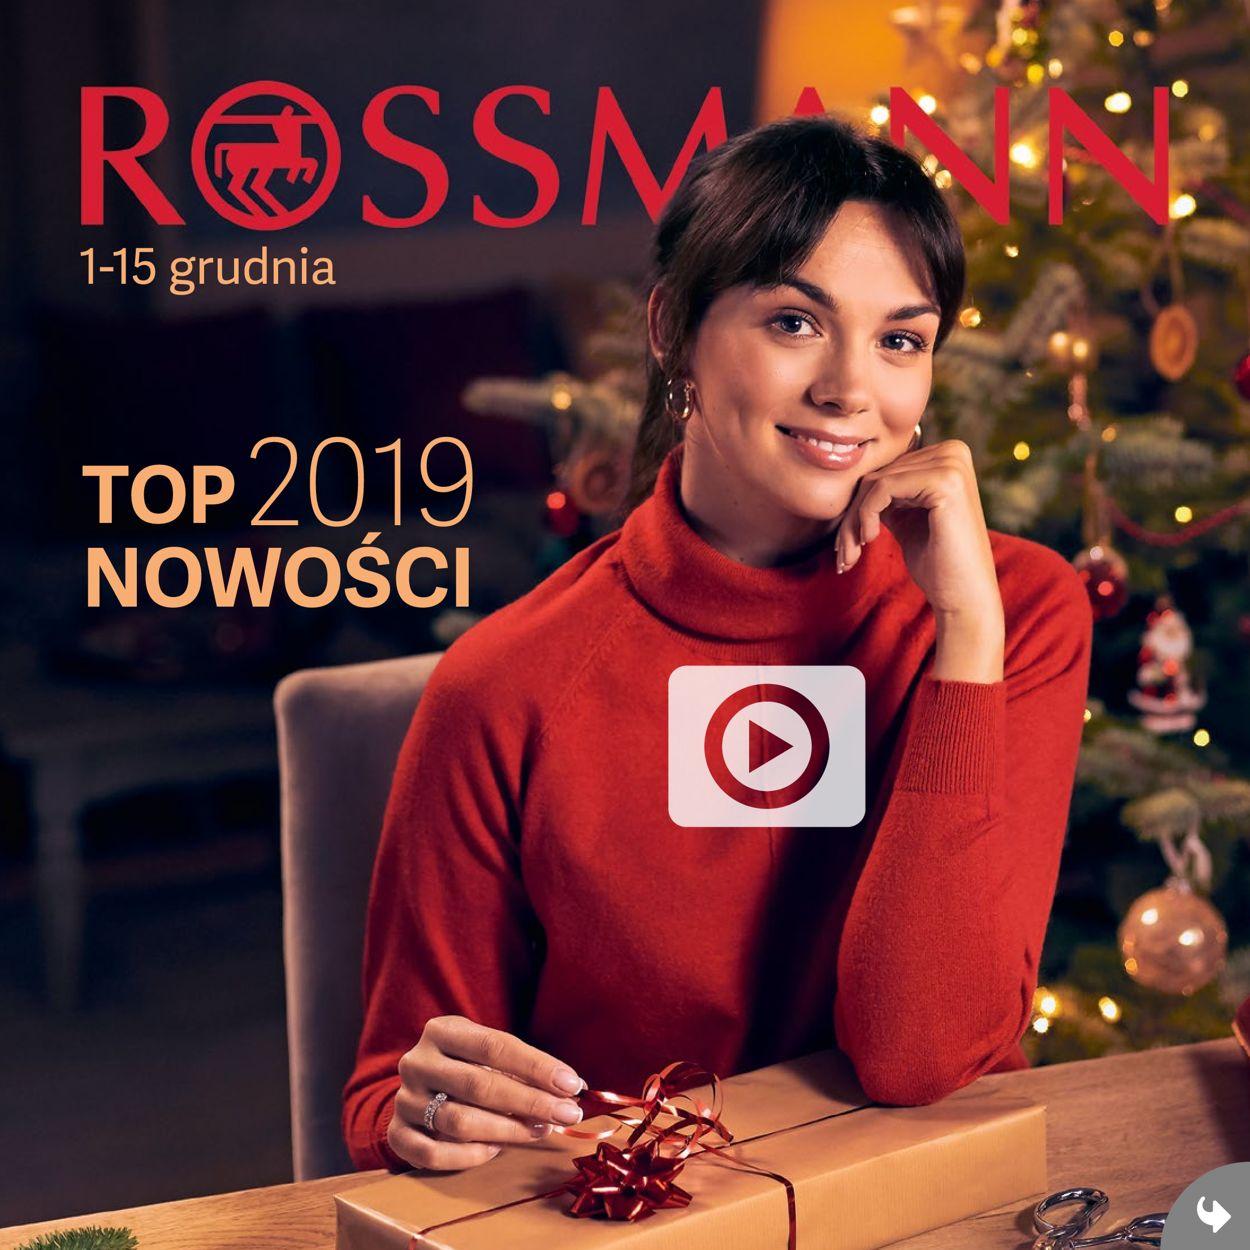 Gazetka promocyjna Rossmann - 01.12-15.12.2019